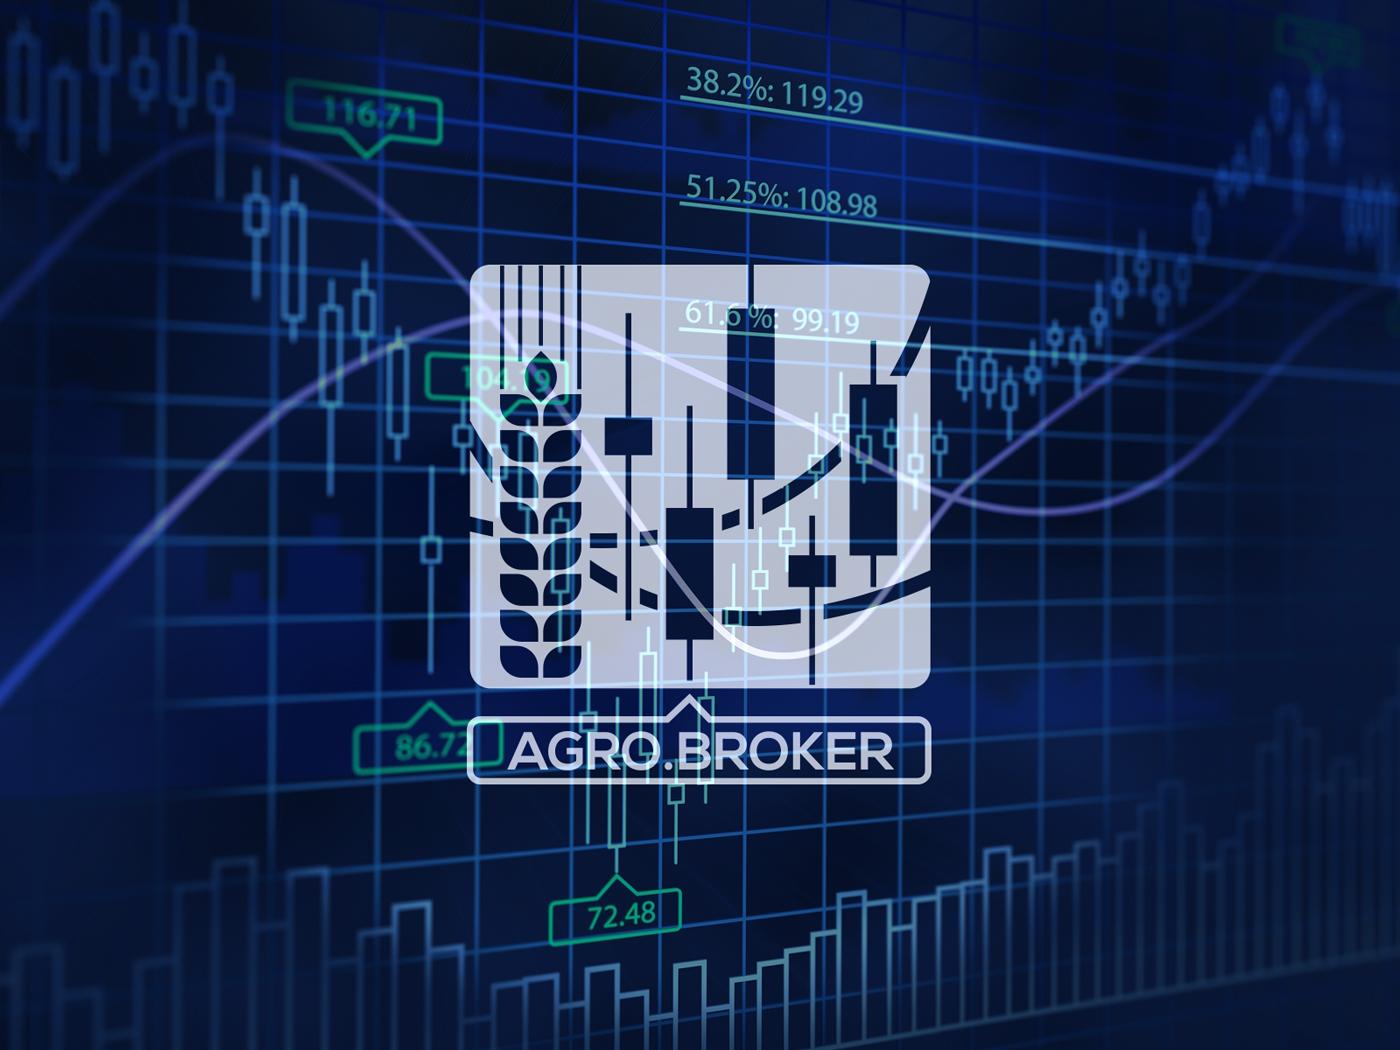 ТЗ на разработку пакета айдентики Agro.Broker фото f_298596f81c143b37.jpg